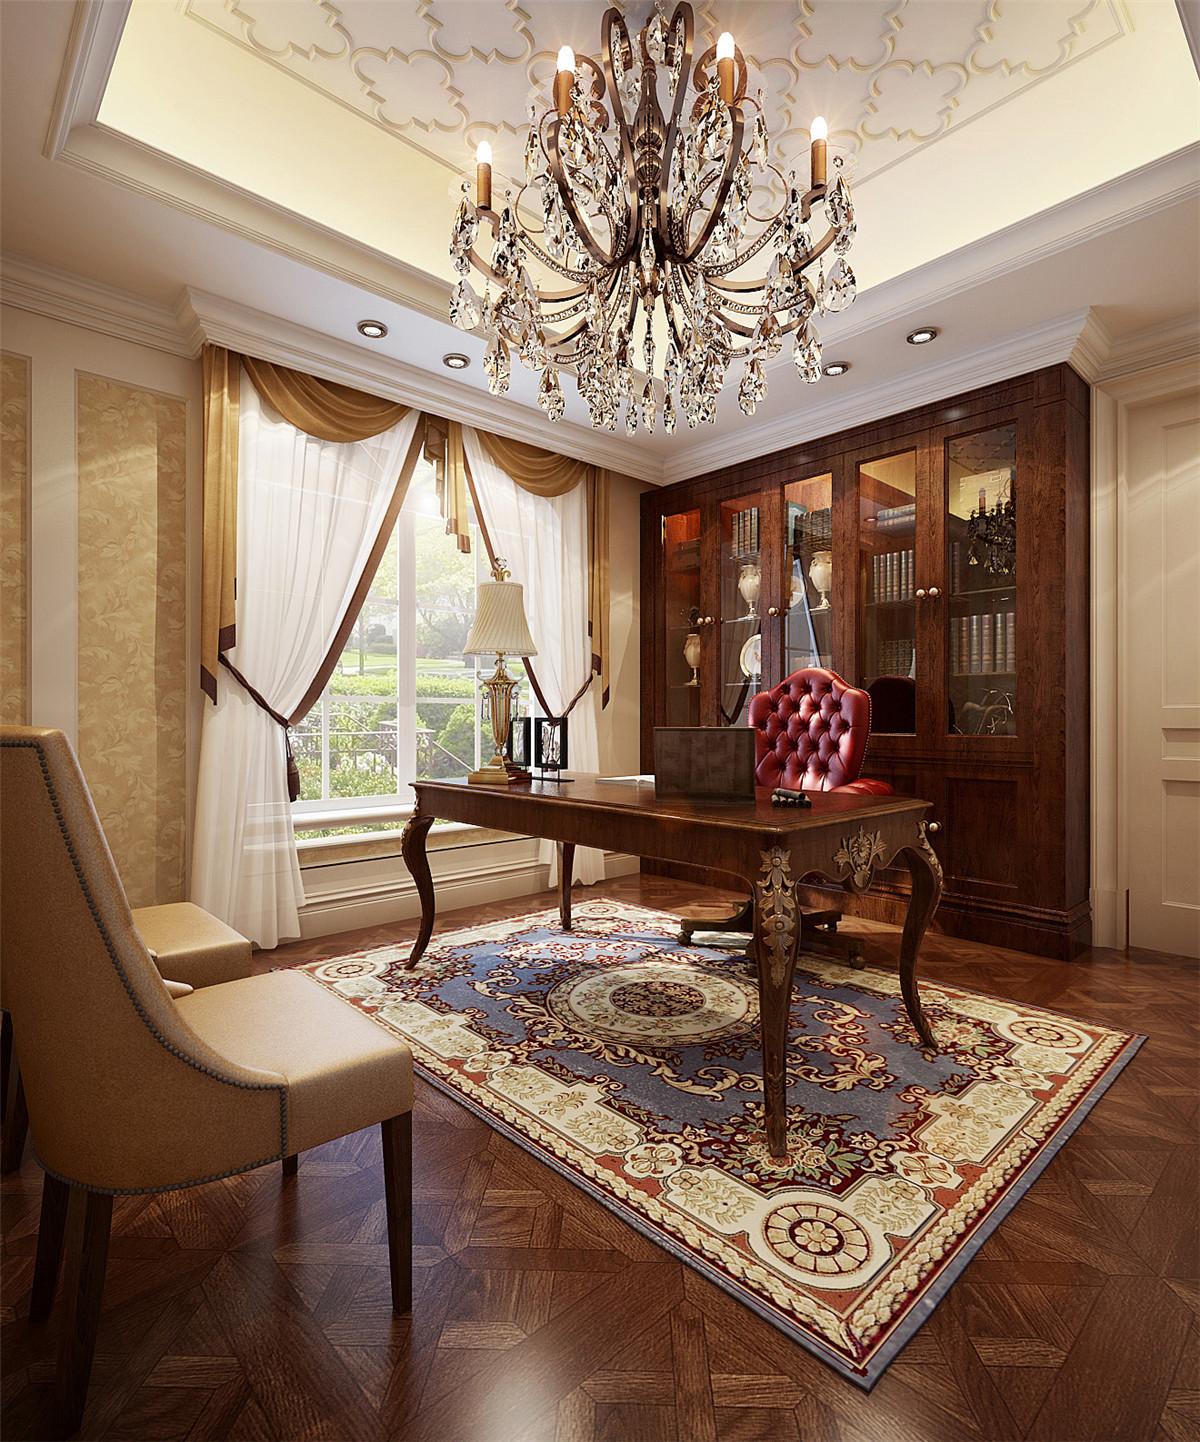 汤臣高尔夫 别墅装修 欧式古典 腾龙设计 书房图片来自孔继民在汤臣高尔夫700平别墅欧式古典的分享